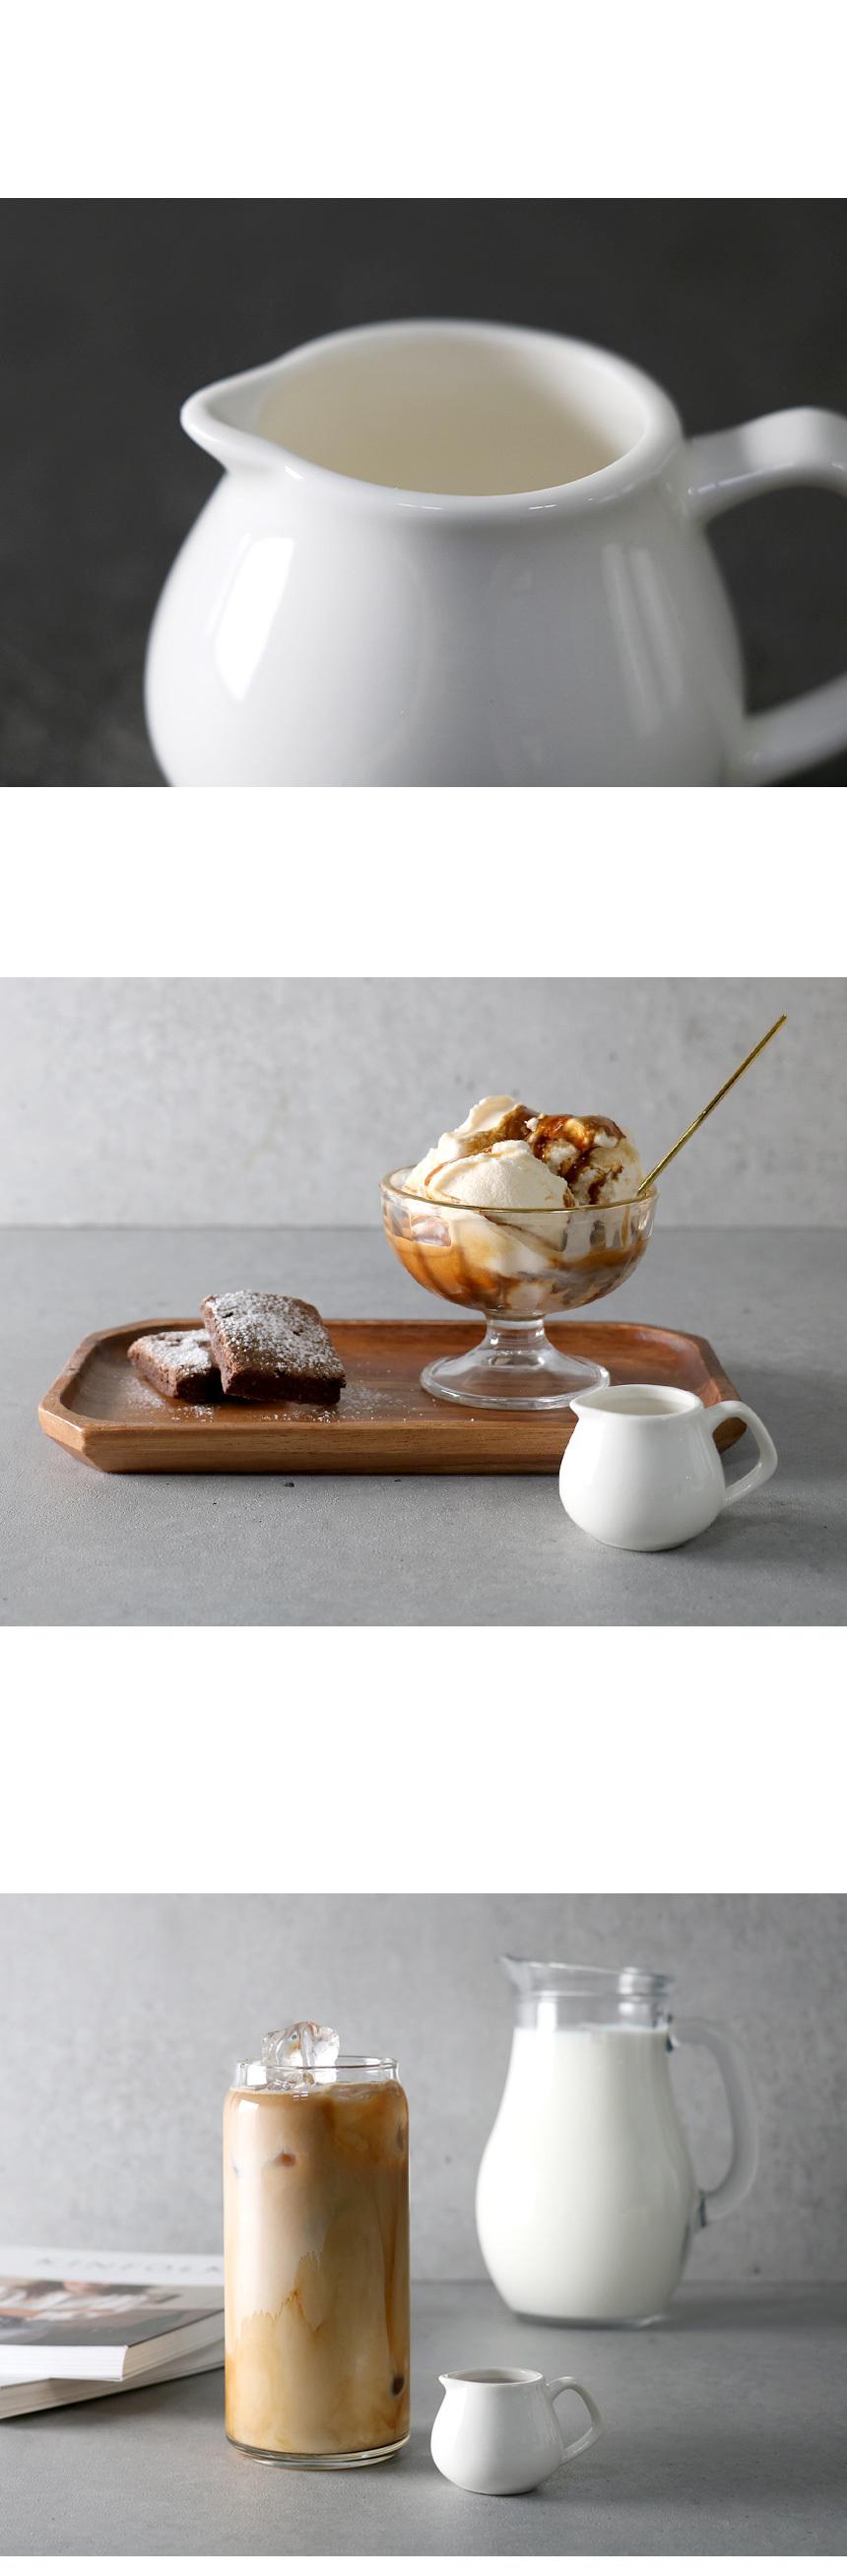 화이트 홈카페 시럽잔 미니저그 - 키친몰링, 2,500원, 커피잔/찻잔, 커피잔/찻잔